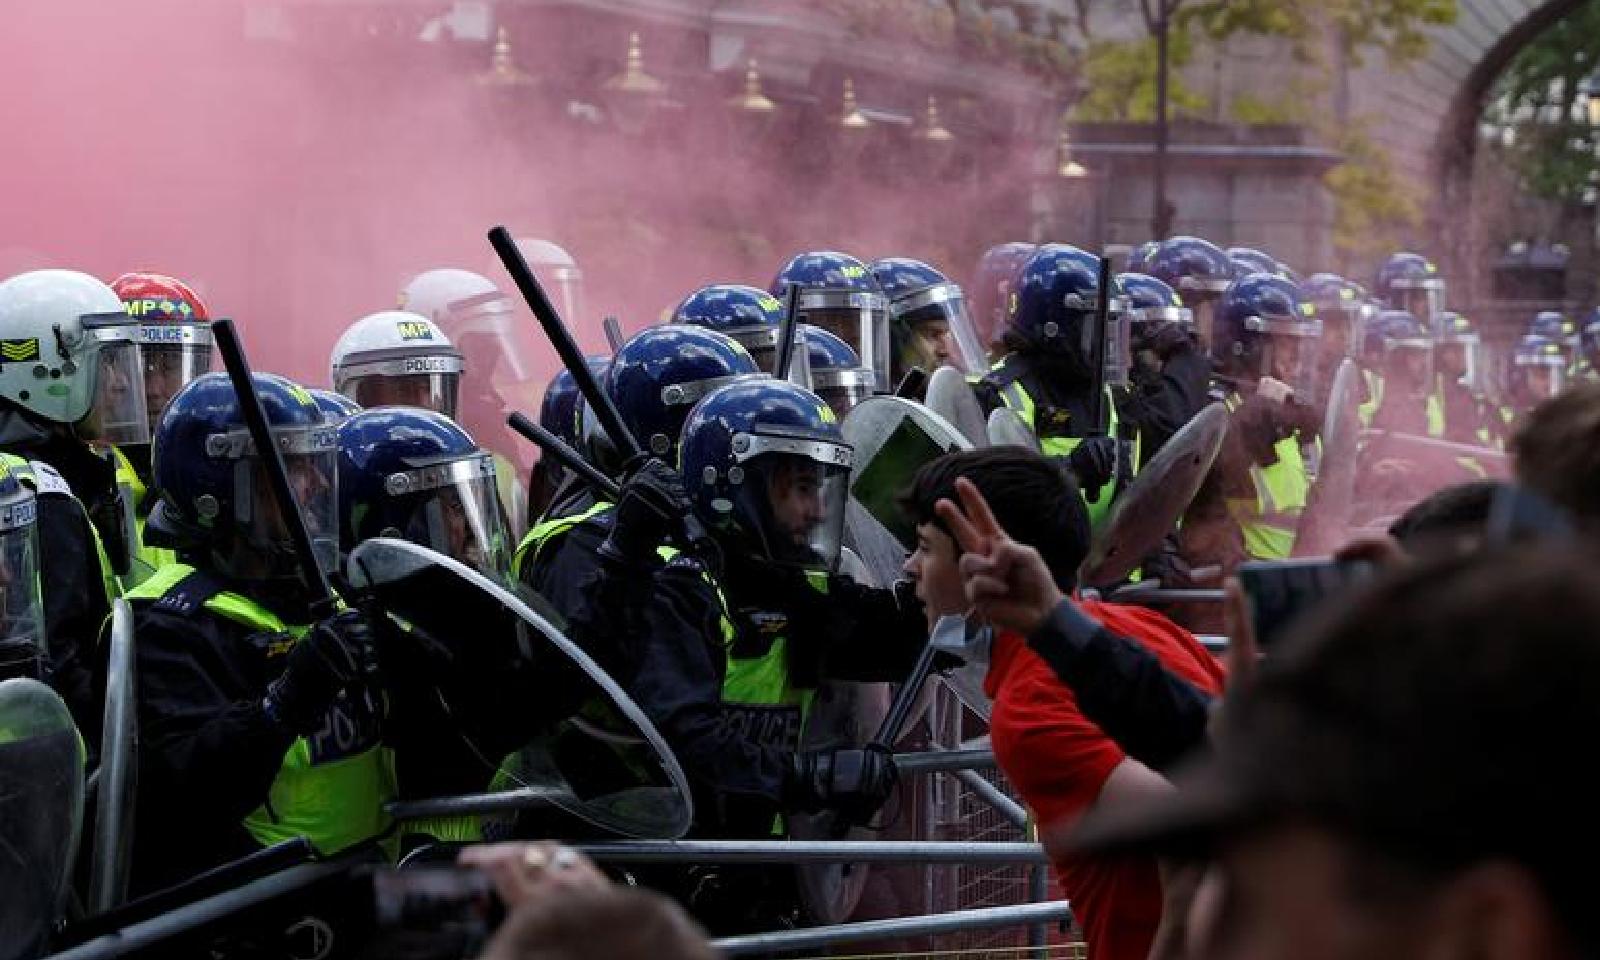 پولیس کو سخت اقدامات کرنے پڑے—فوٹو:رائٹرز